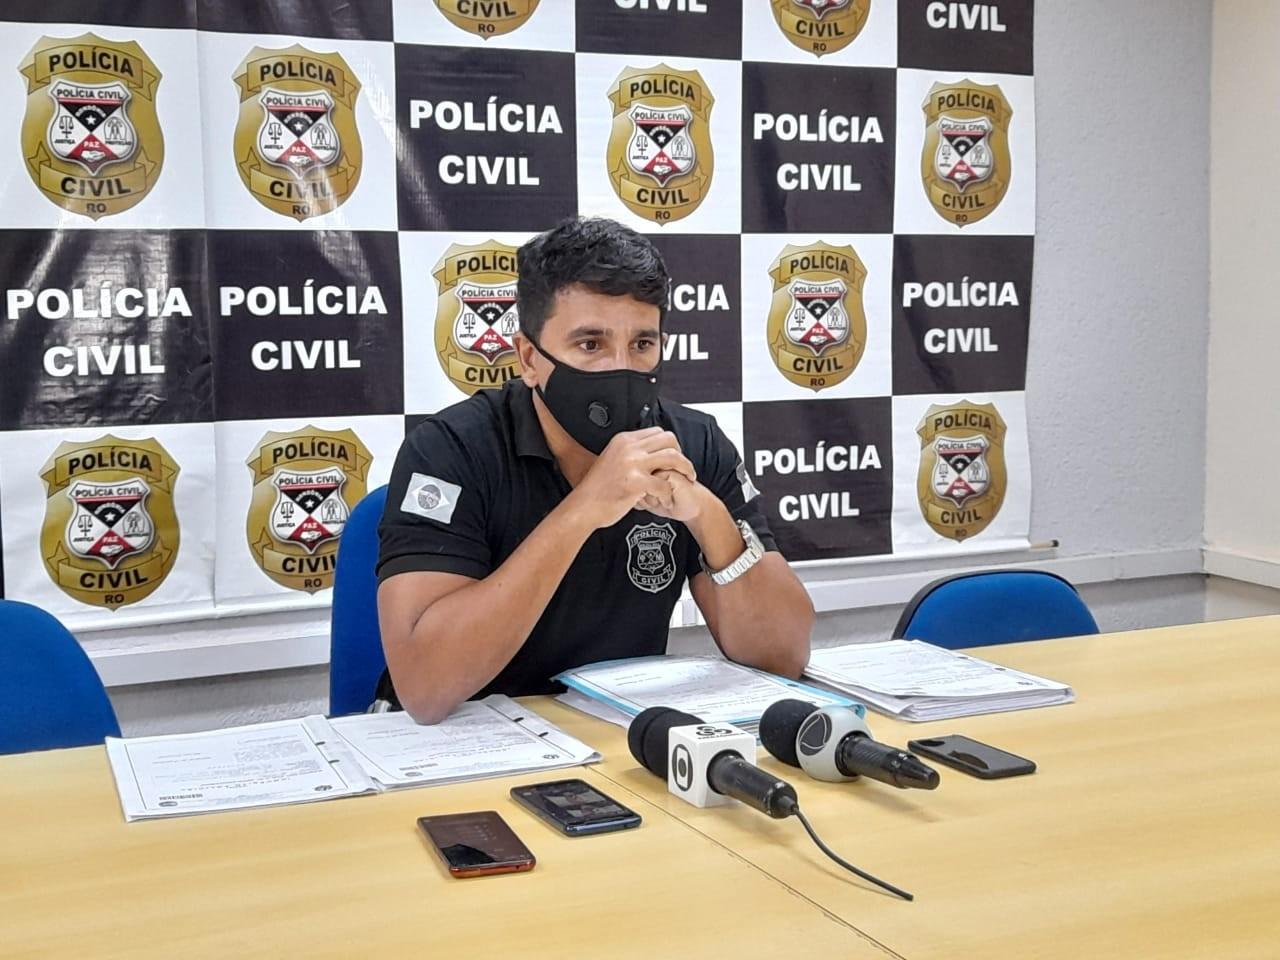 Civil faz operação para prender grupo que assalta comércios de Porto Velho e causou prejuízo de R$ 500 mil